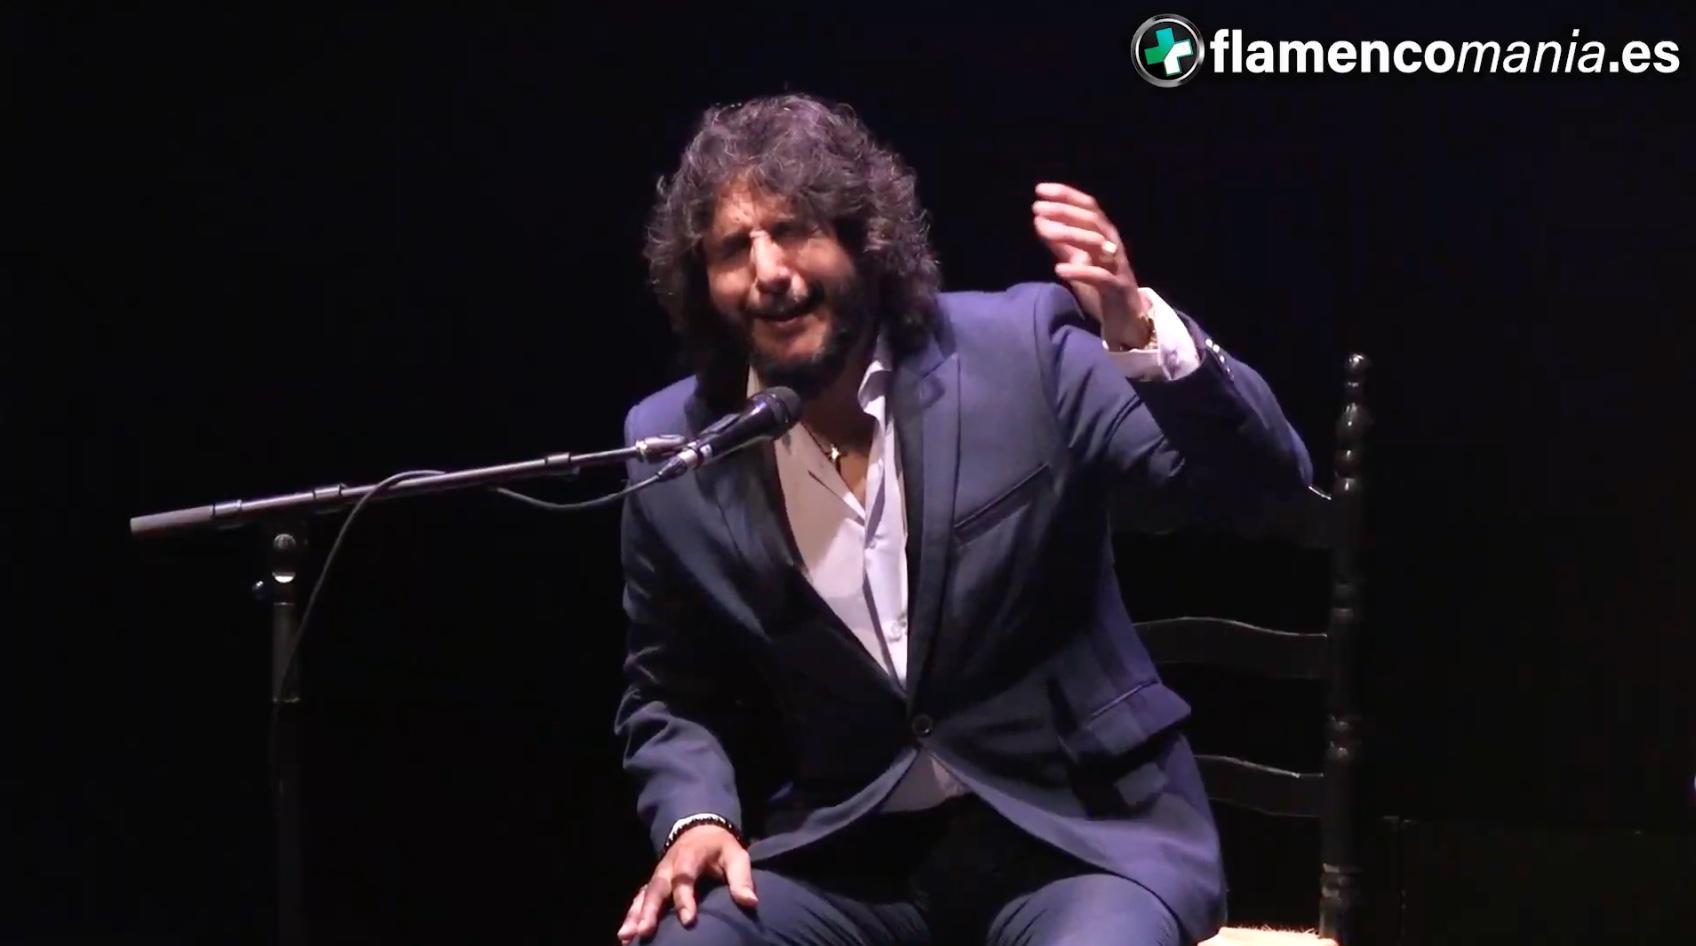 Flamencomanía TV: 'Especial Festival Flamenco On Fire 2021'